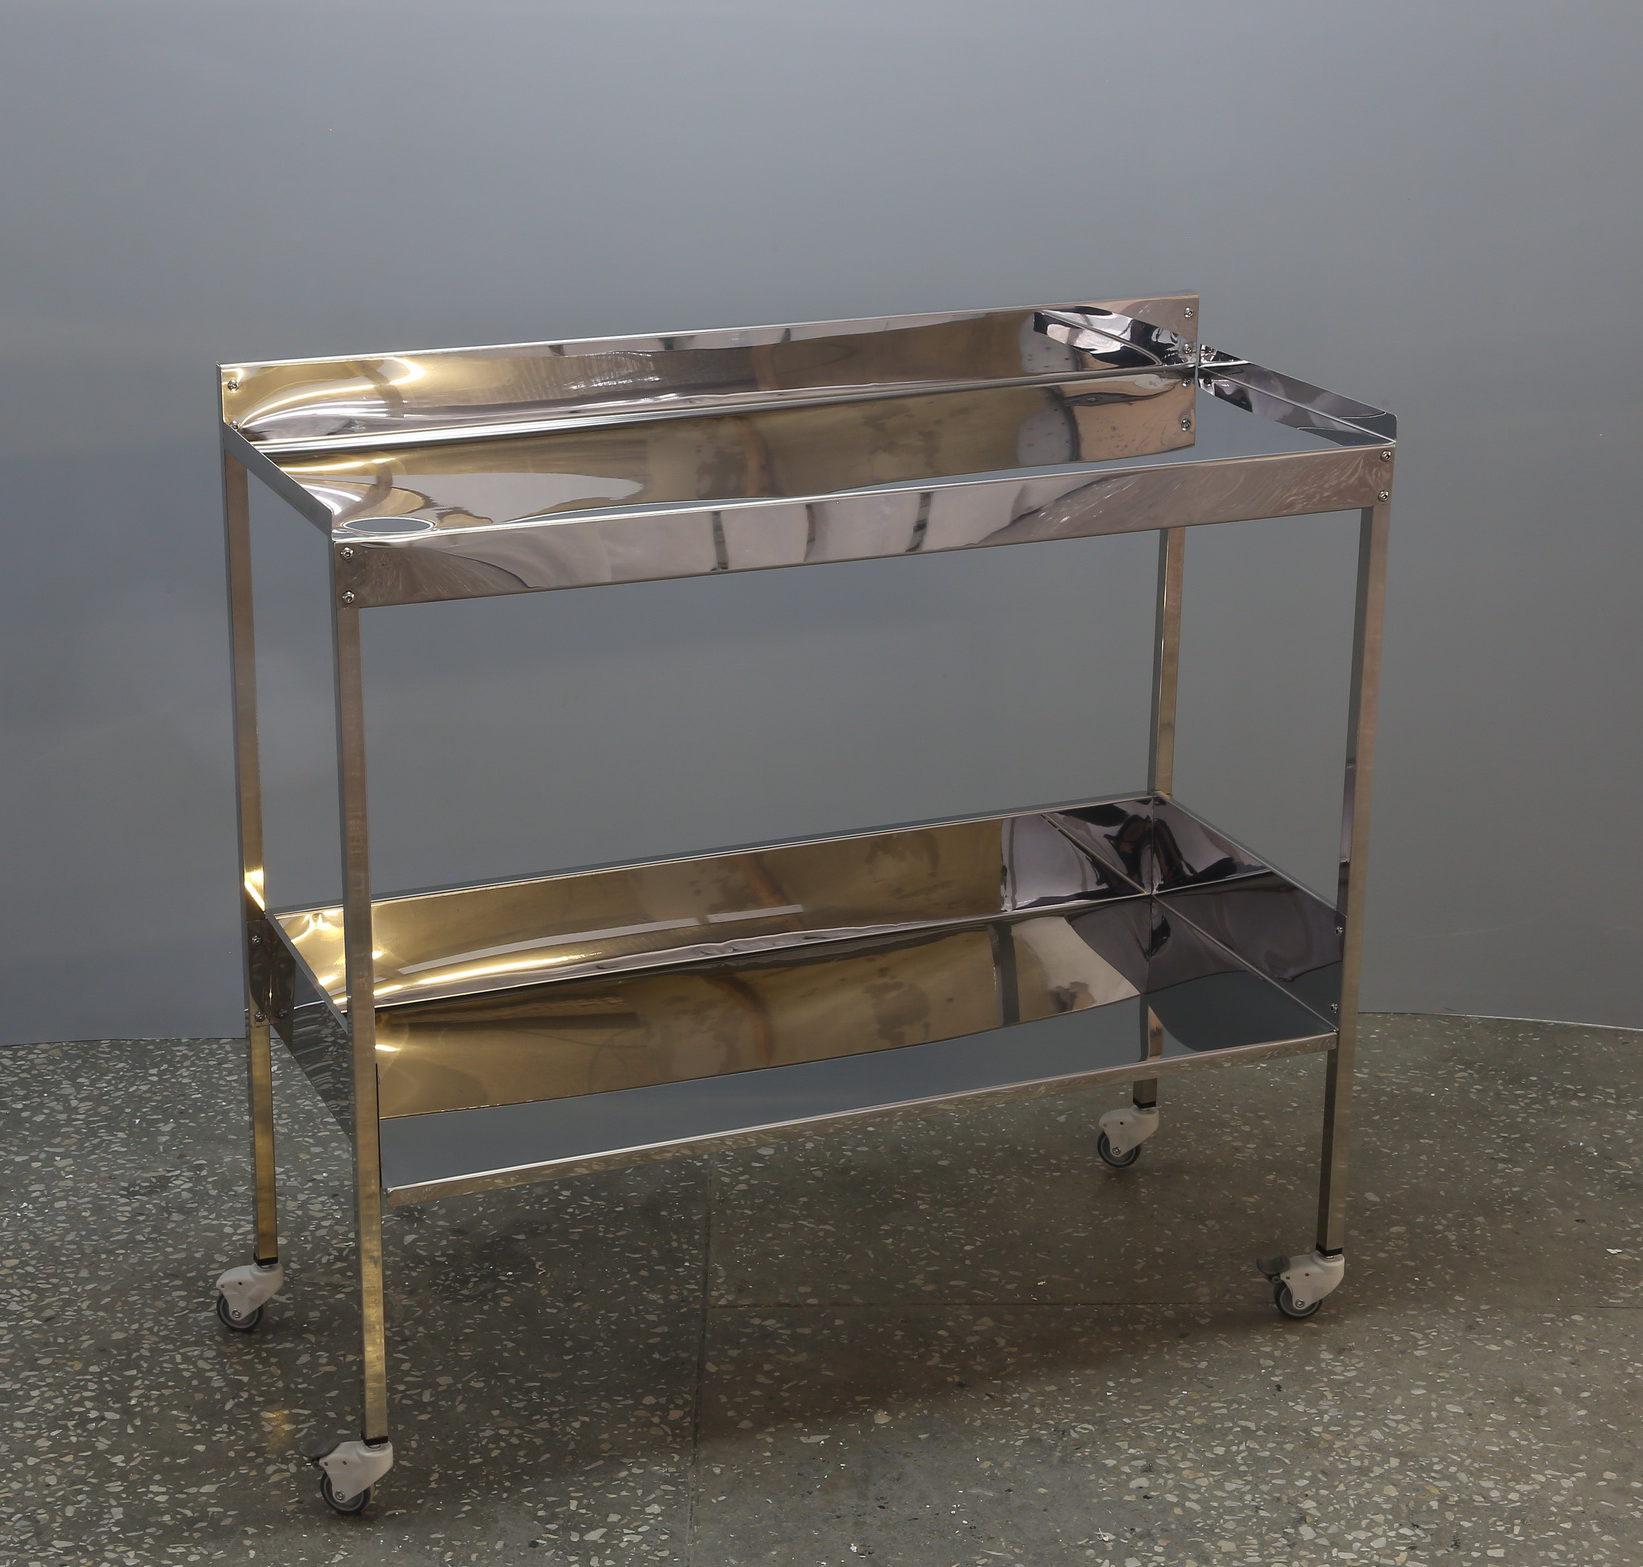 Столик из нержавеющей стали на две полки (1 метр)